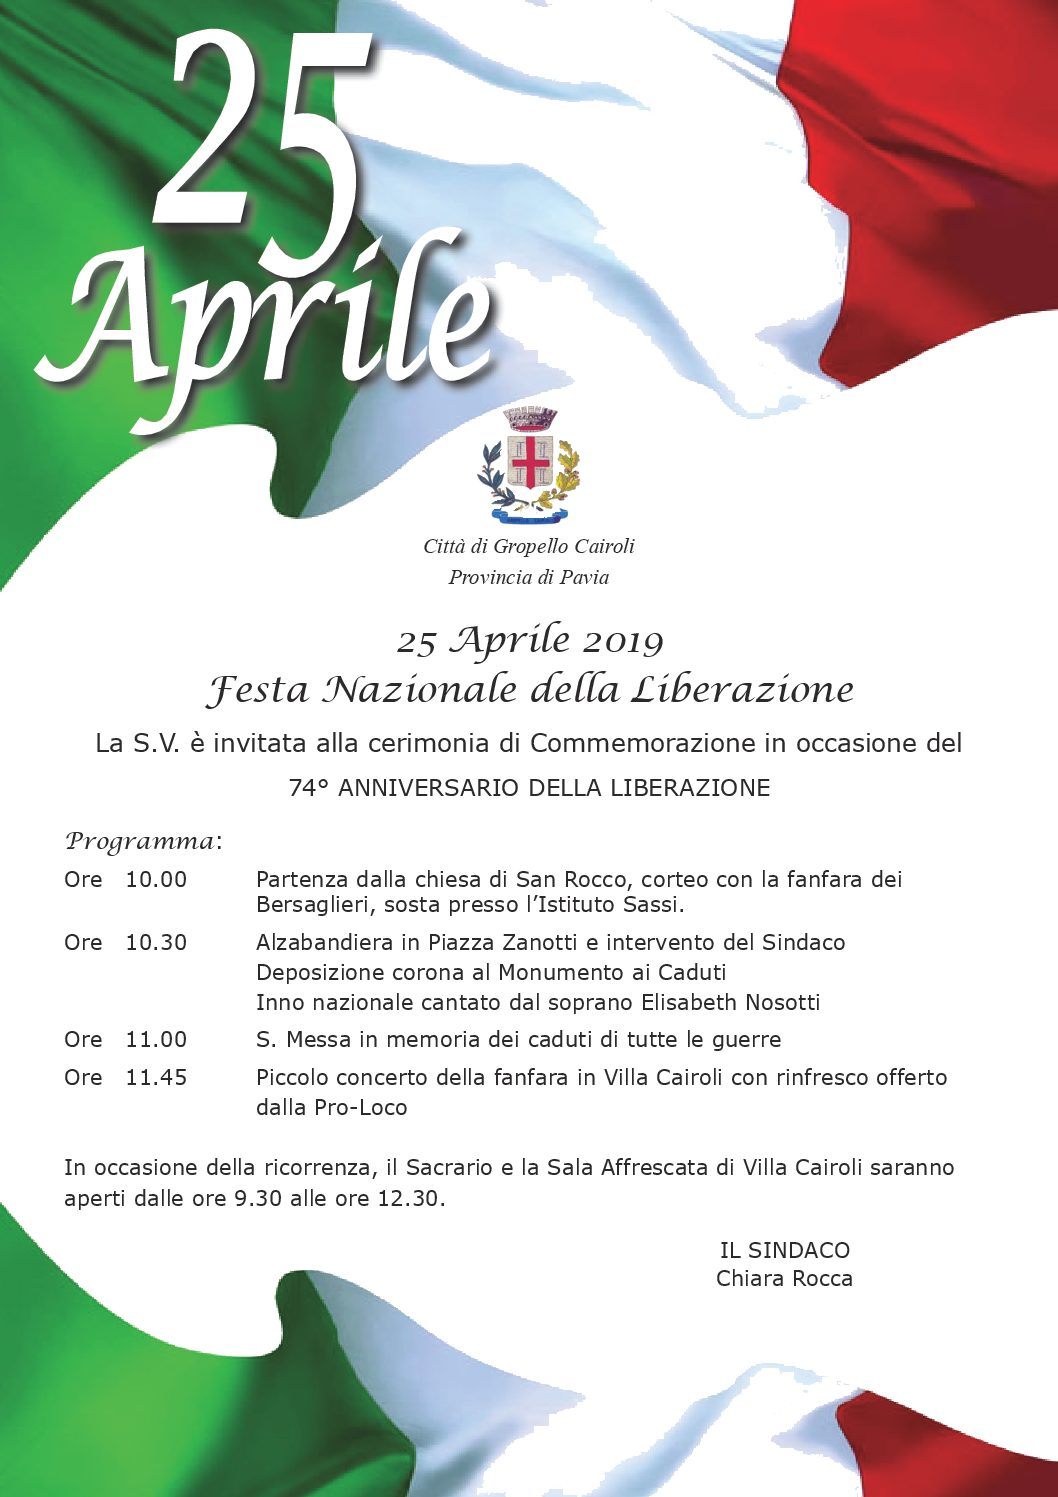 Programma 25 Aprile 2019 – Festa Nazionale della Liberazione